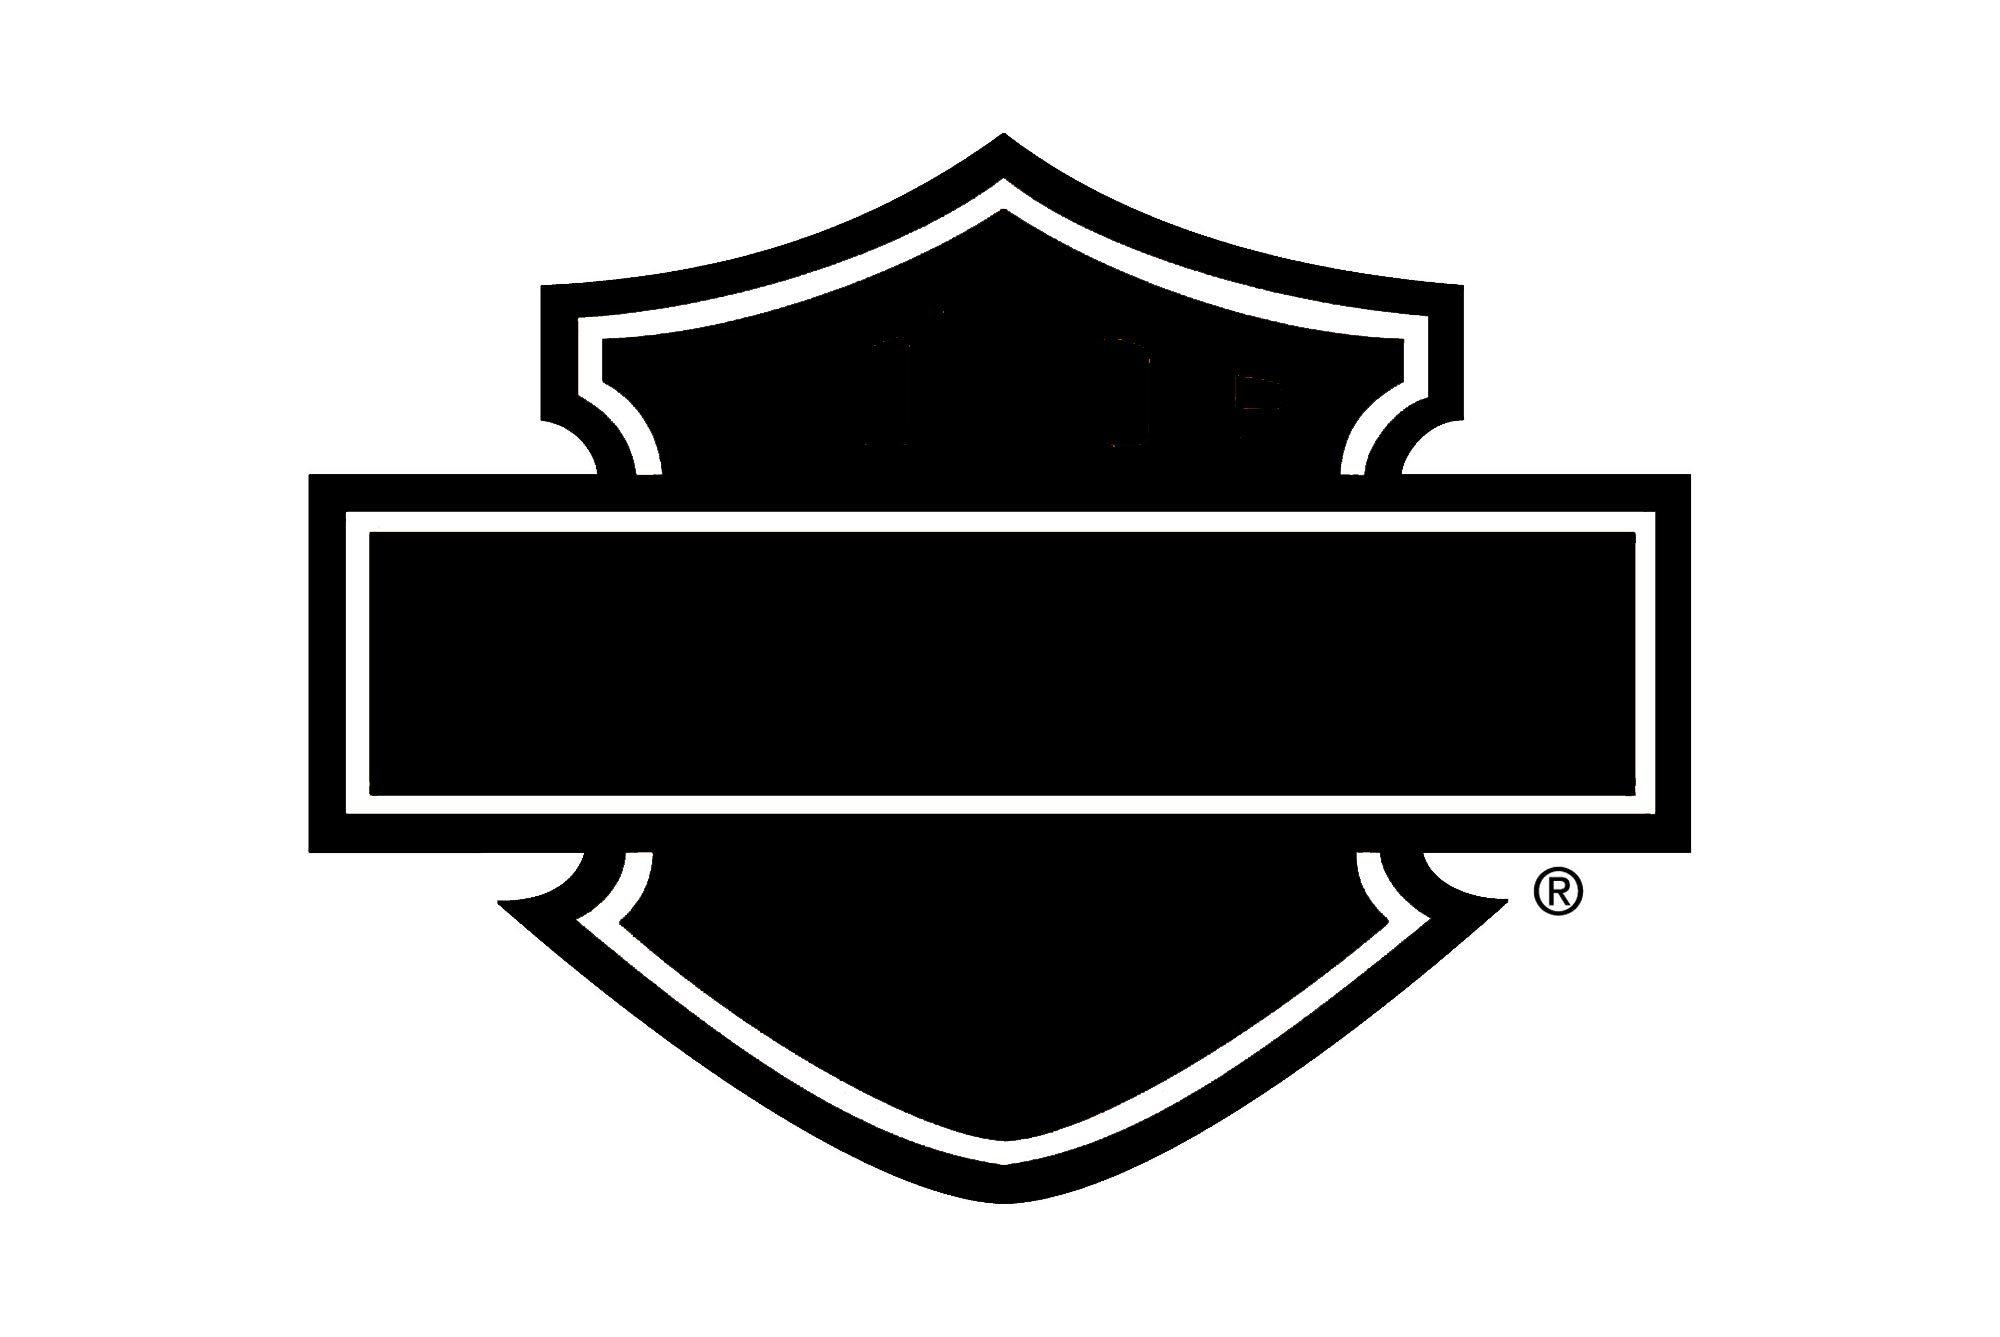 blank harley davidson logos